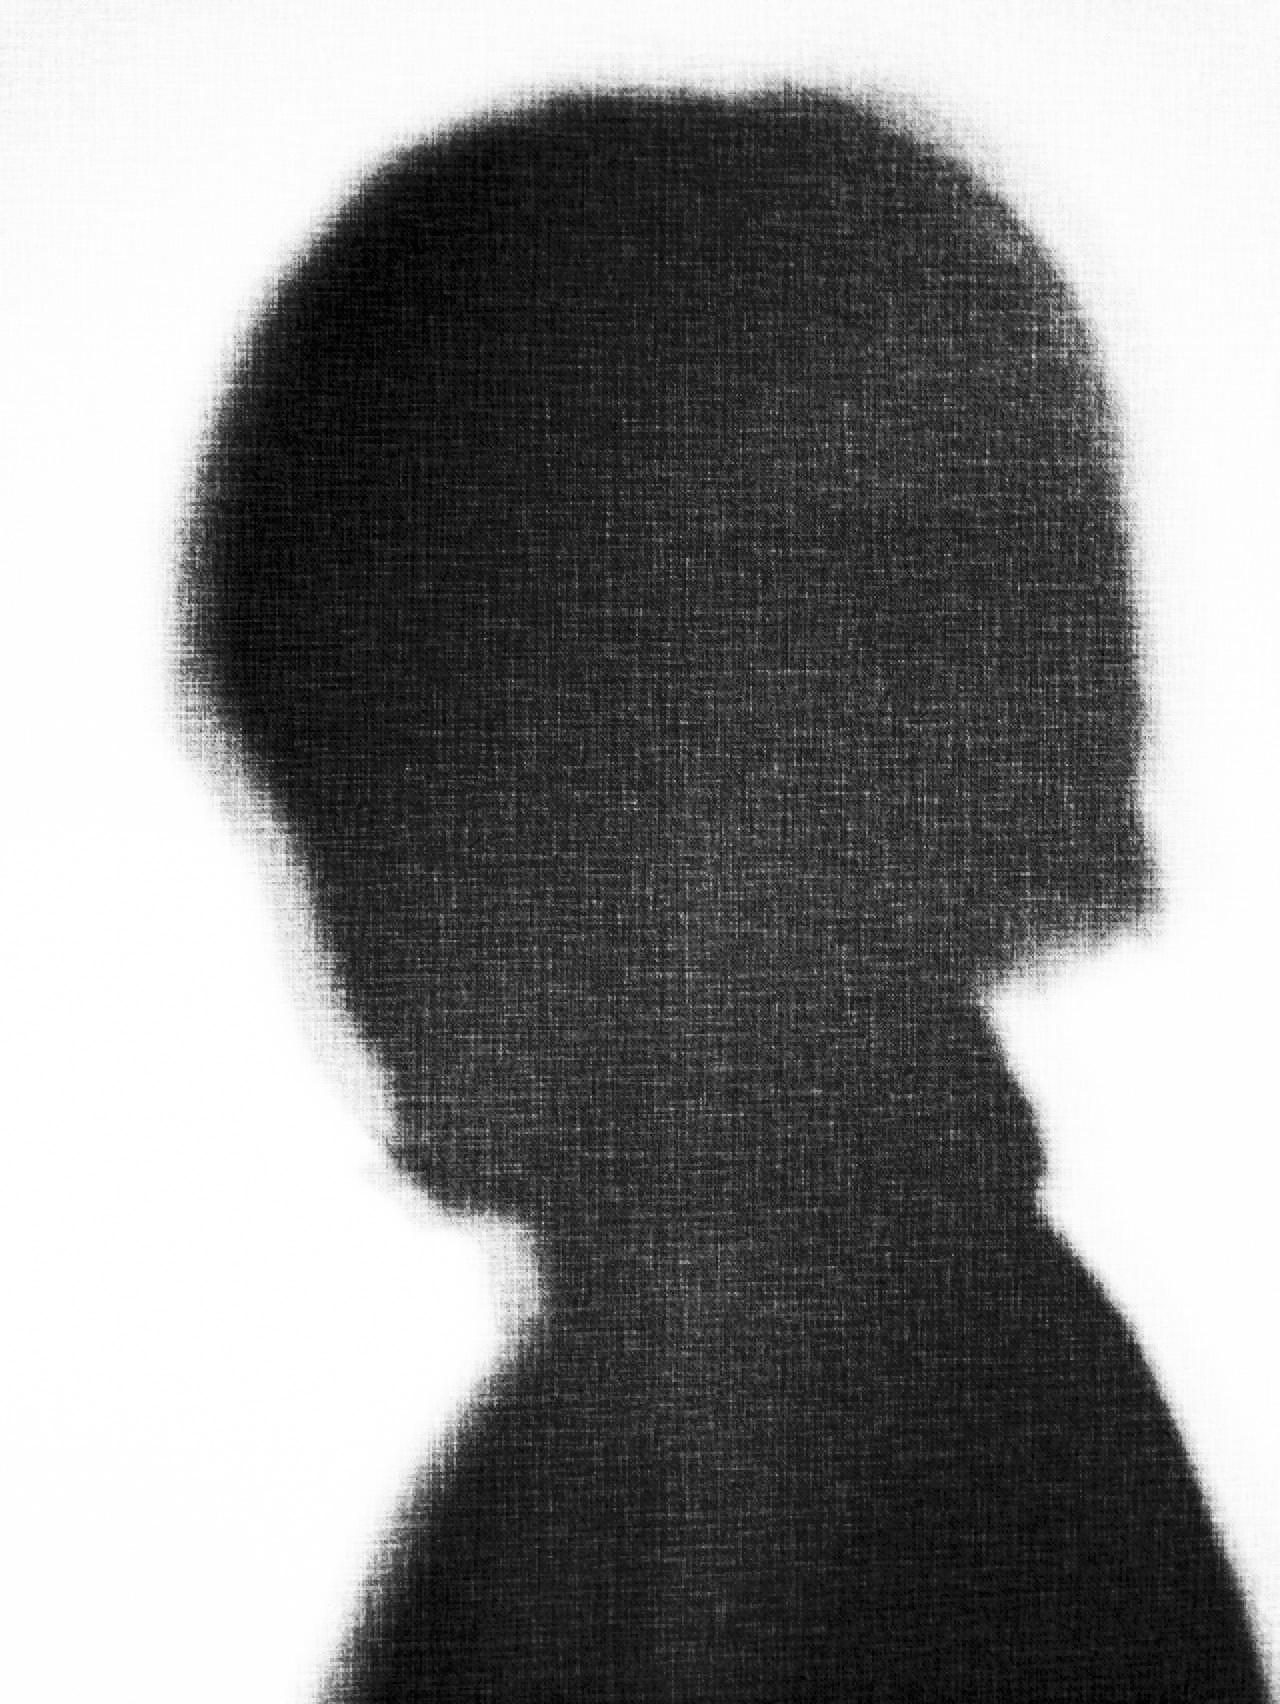 影  The Shadow of myself